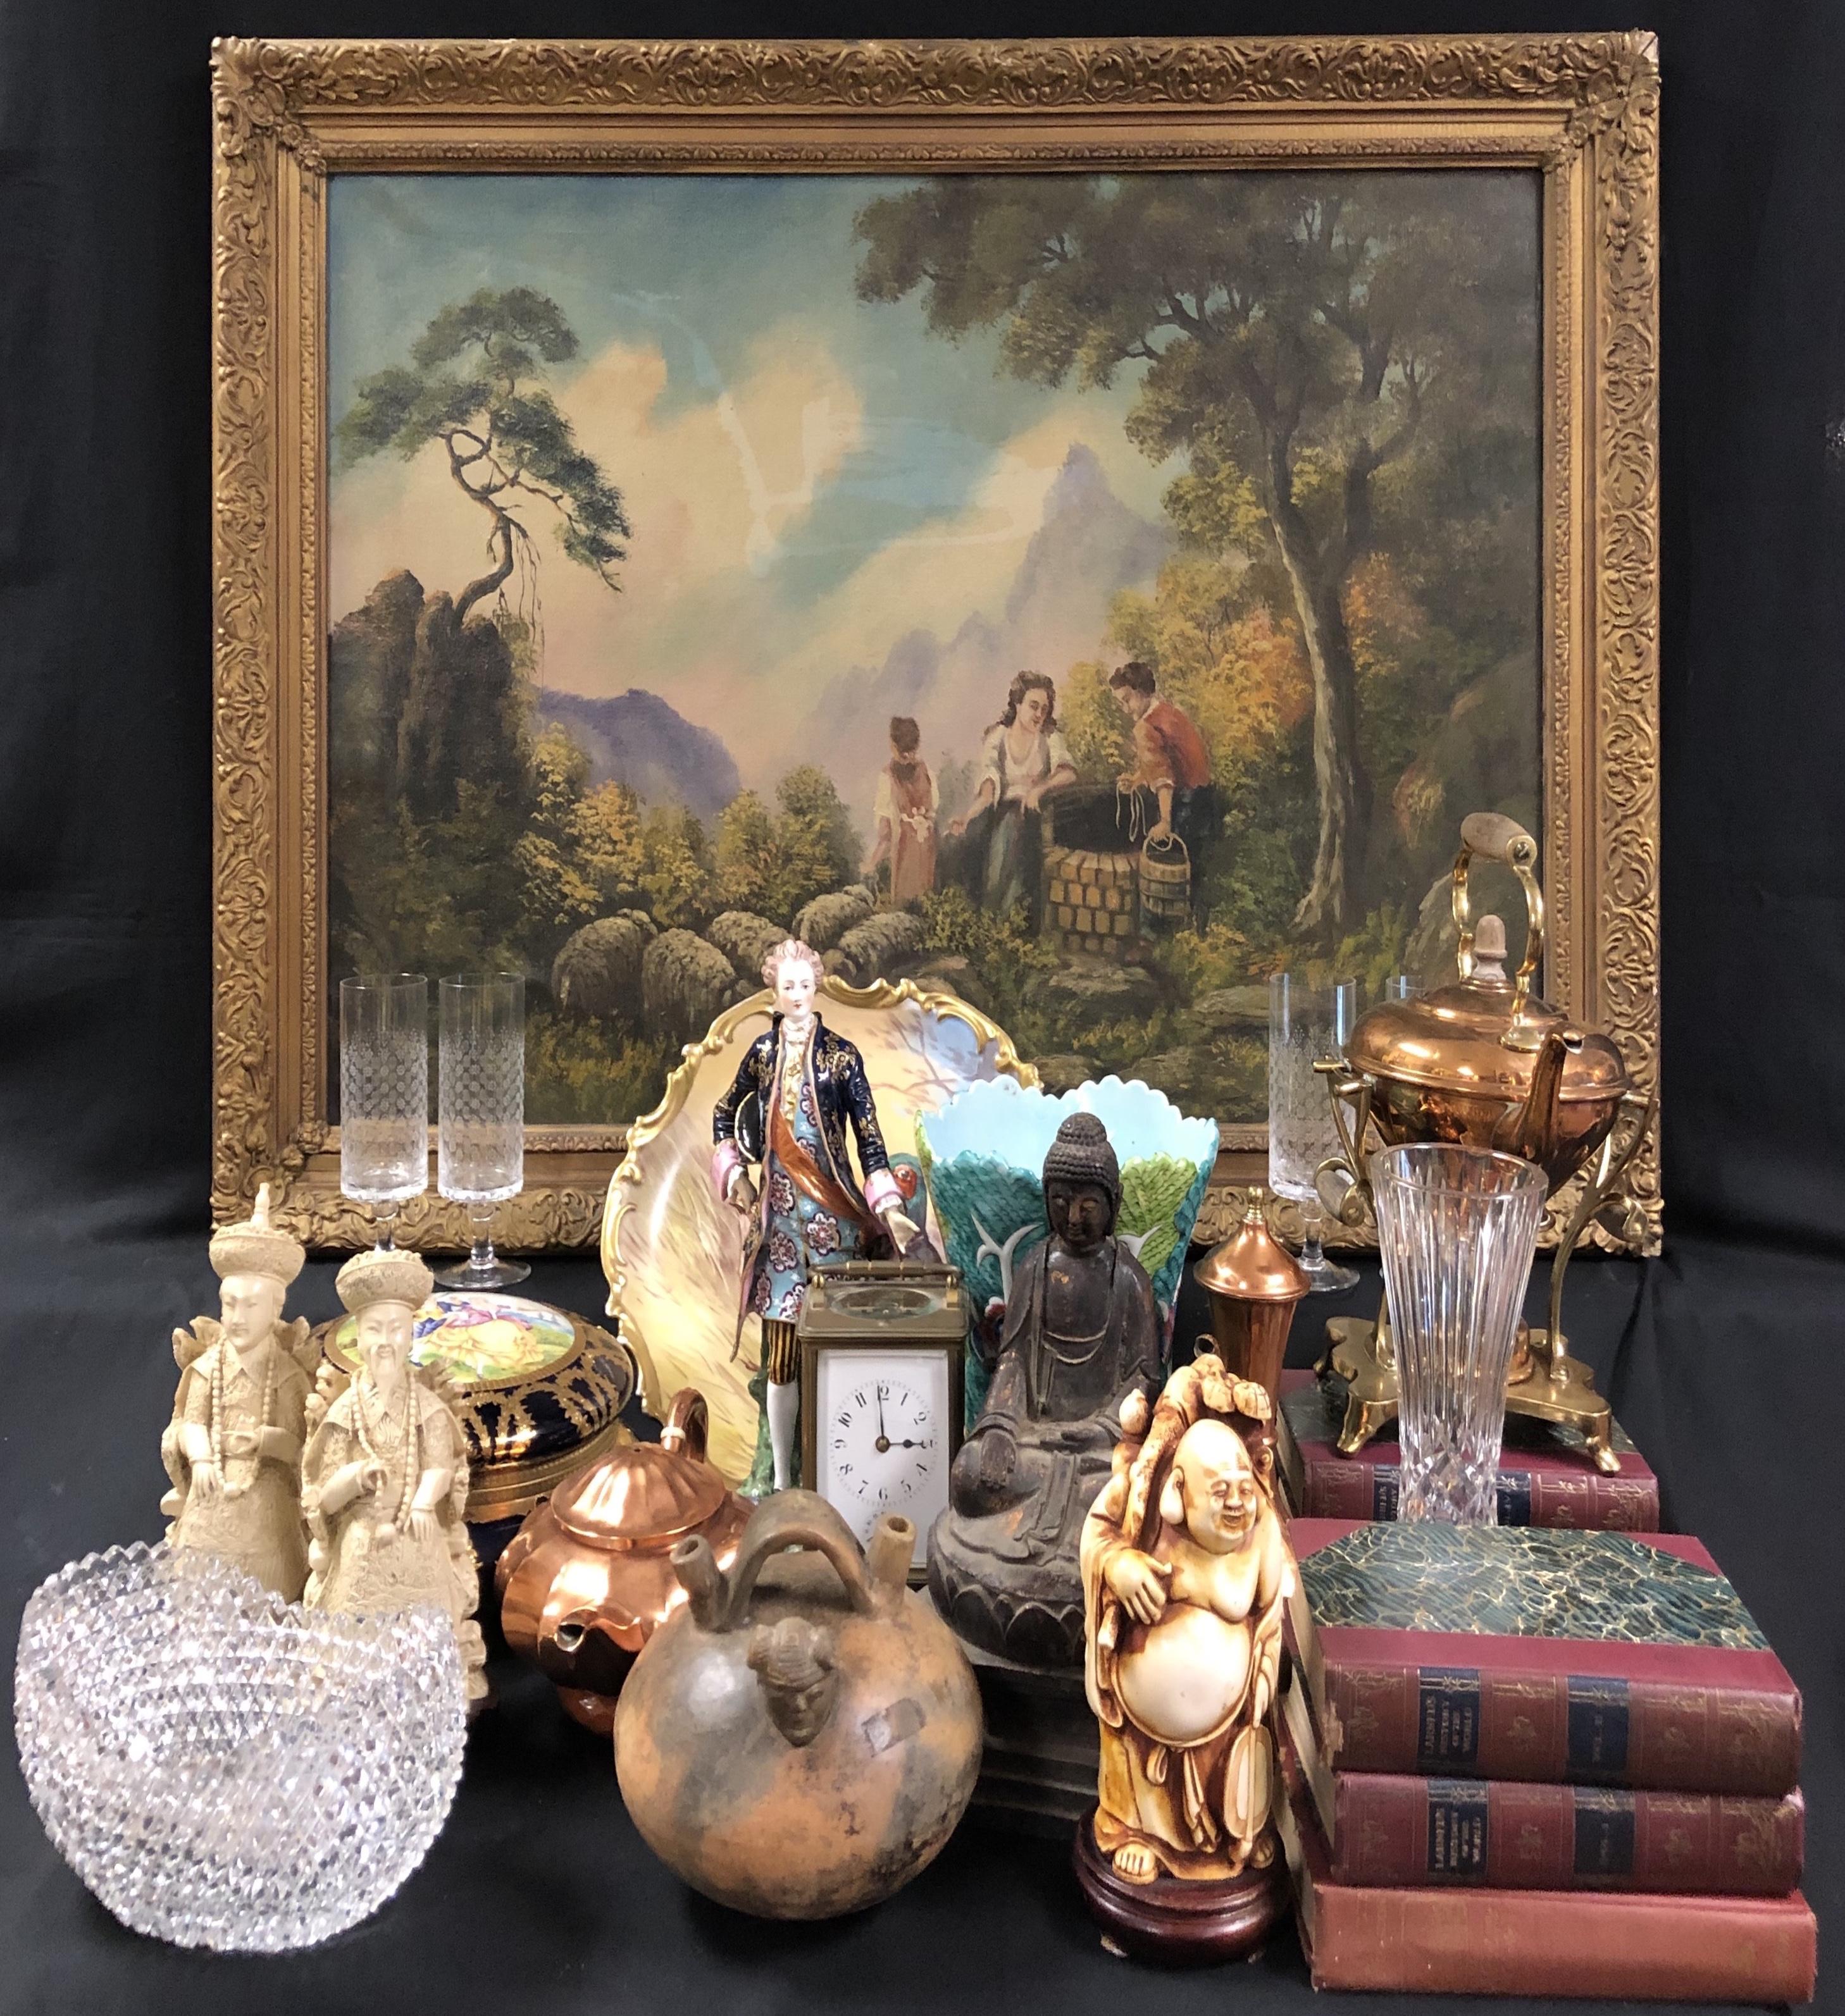 CURRENT: Antique Collectibles & Decorative Art Auction